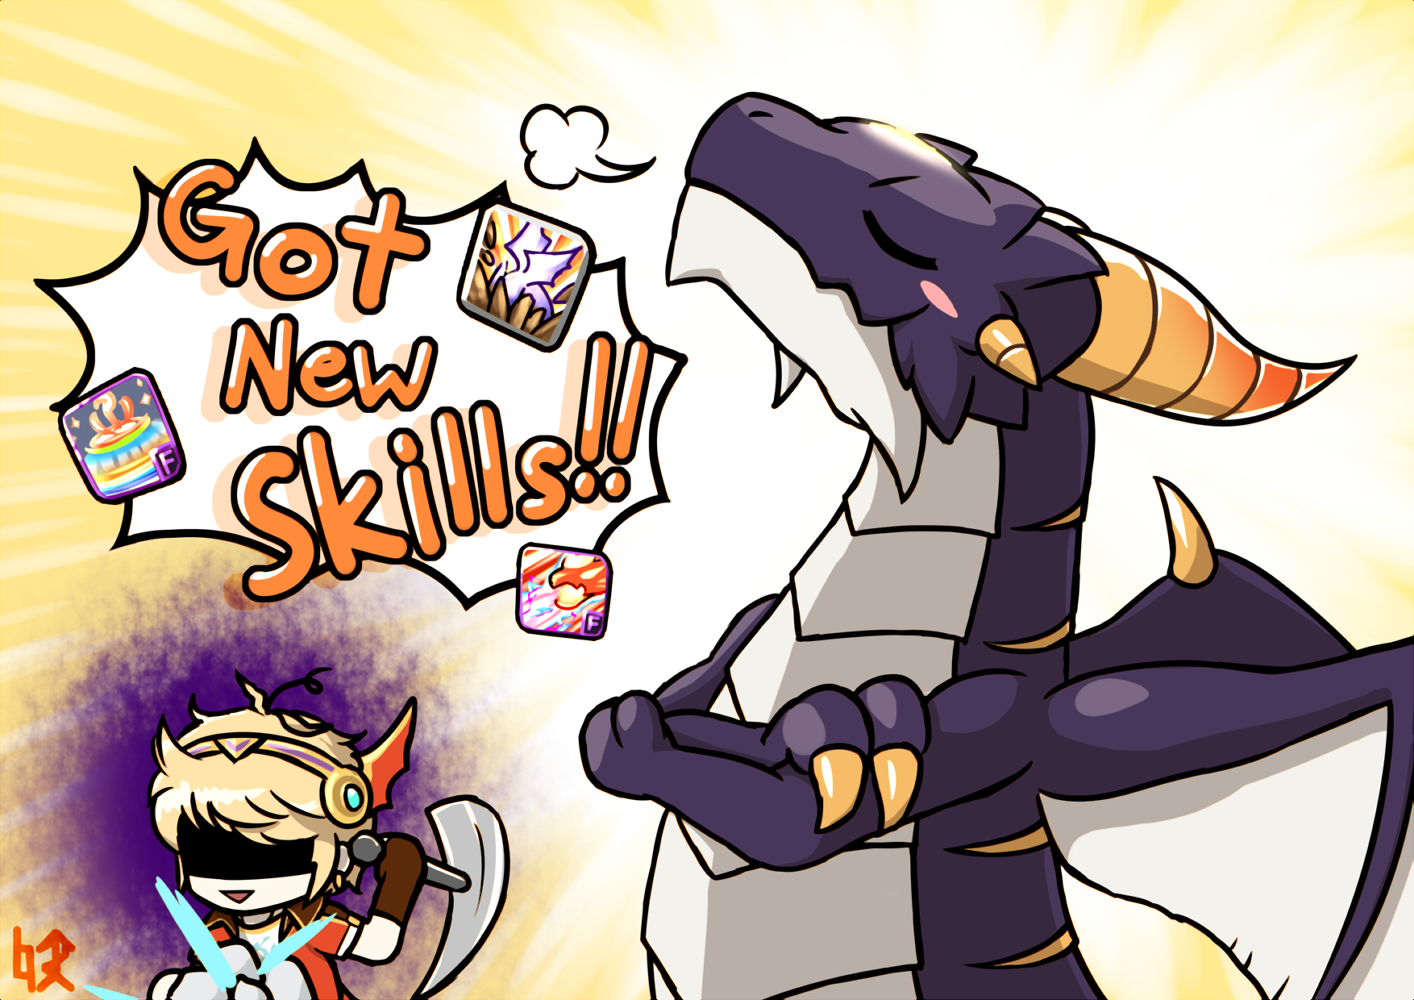 Got New Skills!!